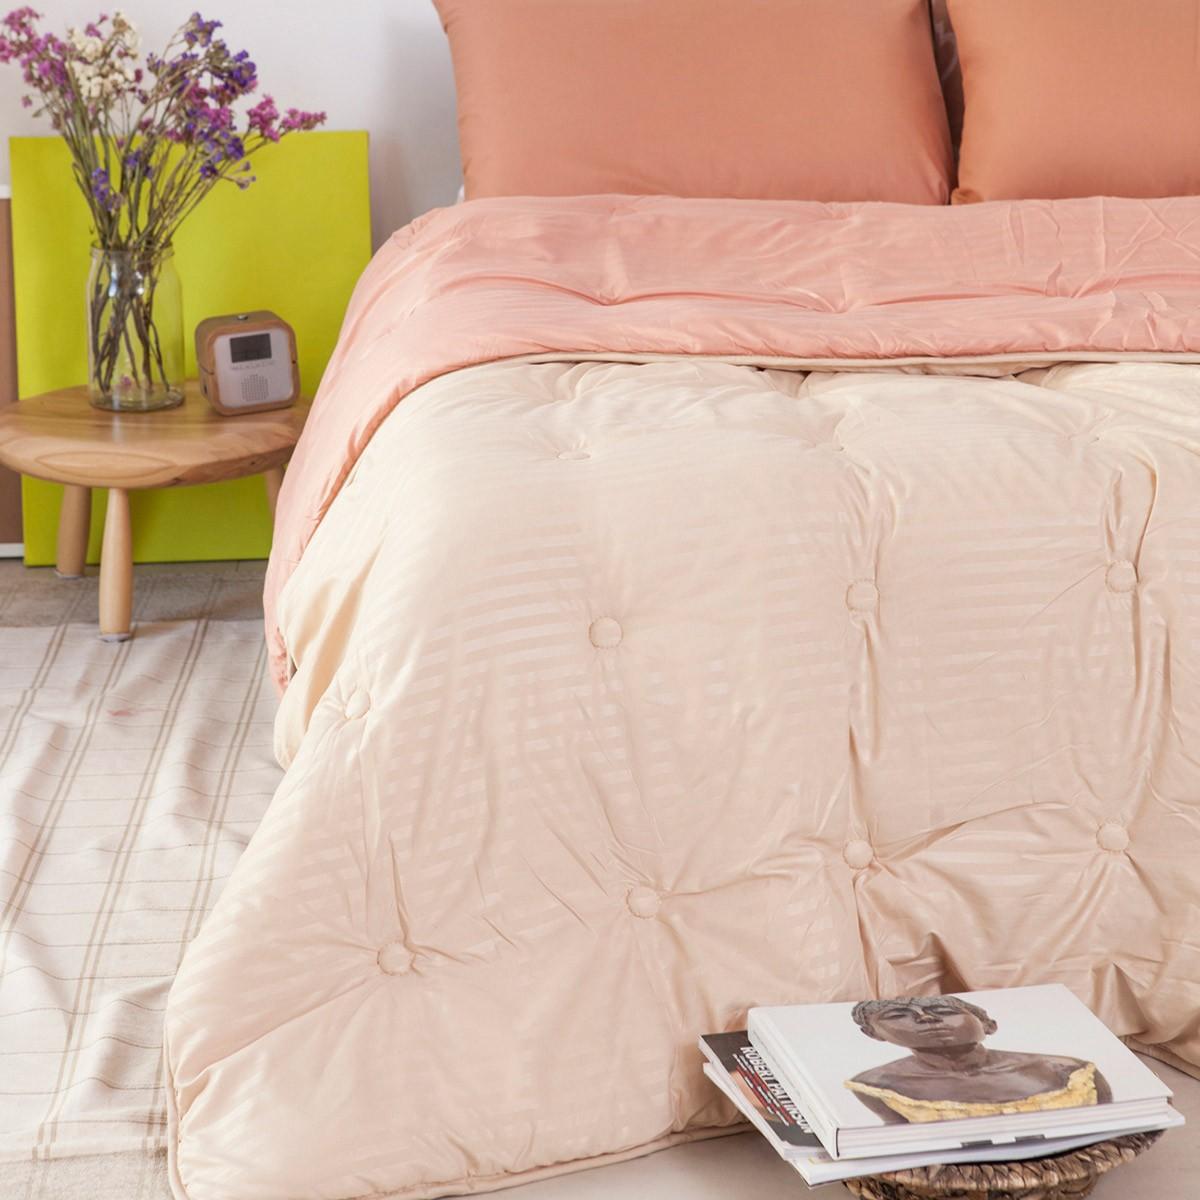 Πάπλωμα Υπέρδιπλο Διπλής Όψης Melinen Pieta Florence home   κρεβατοκάμαρα   παπλώματα   παπλώματα υπέρδιπλα